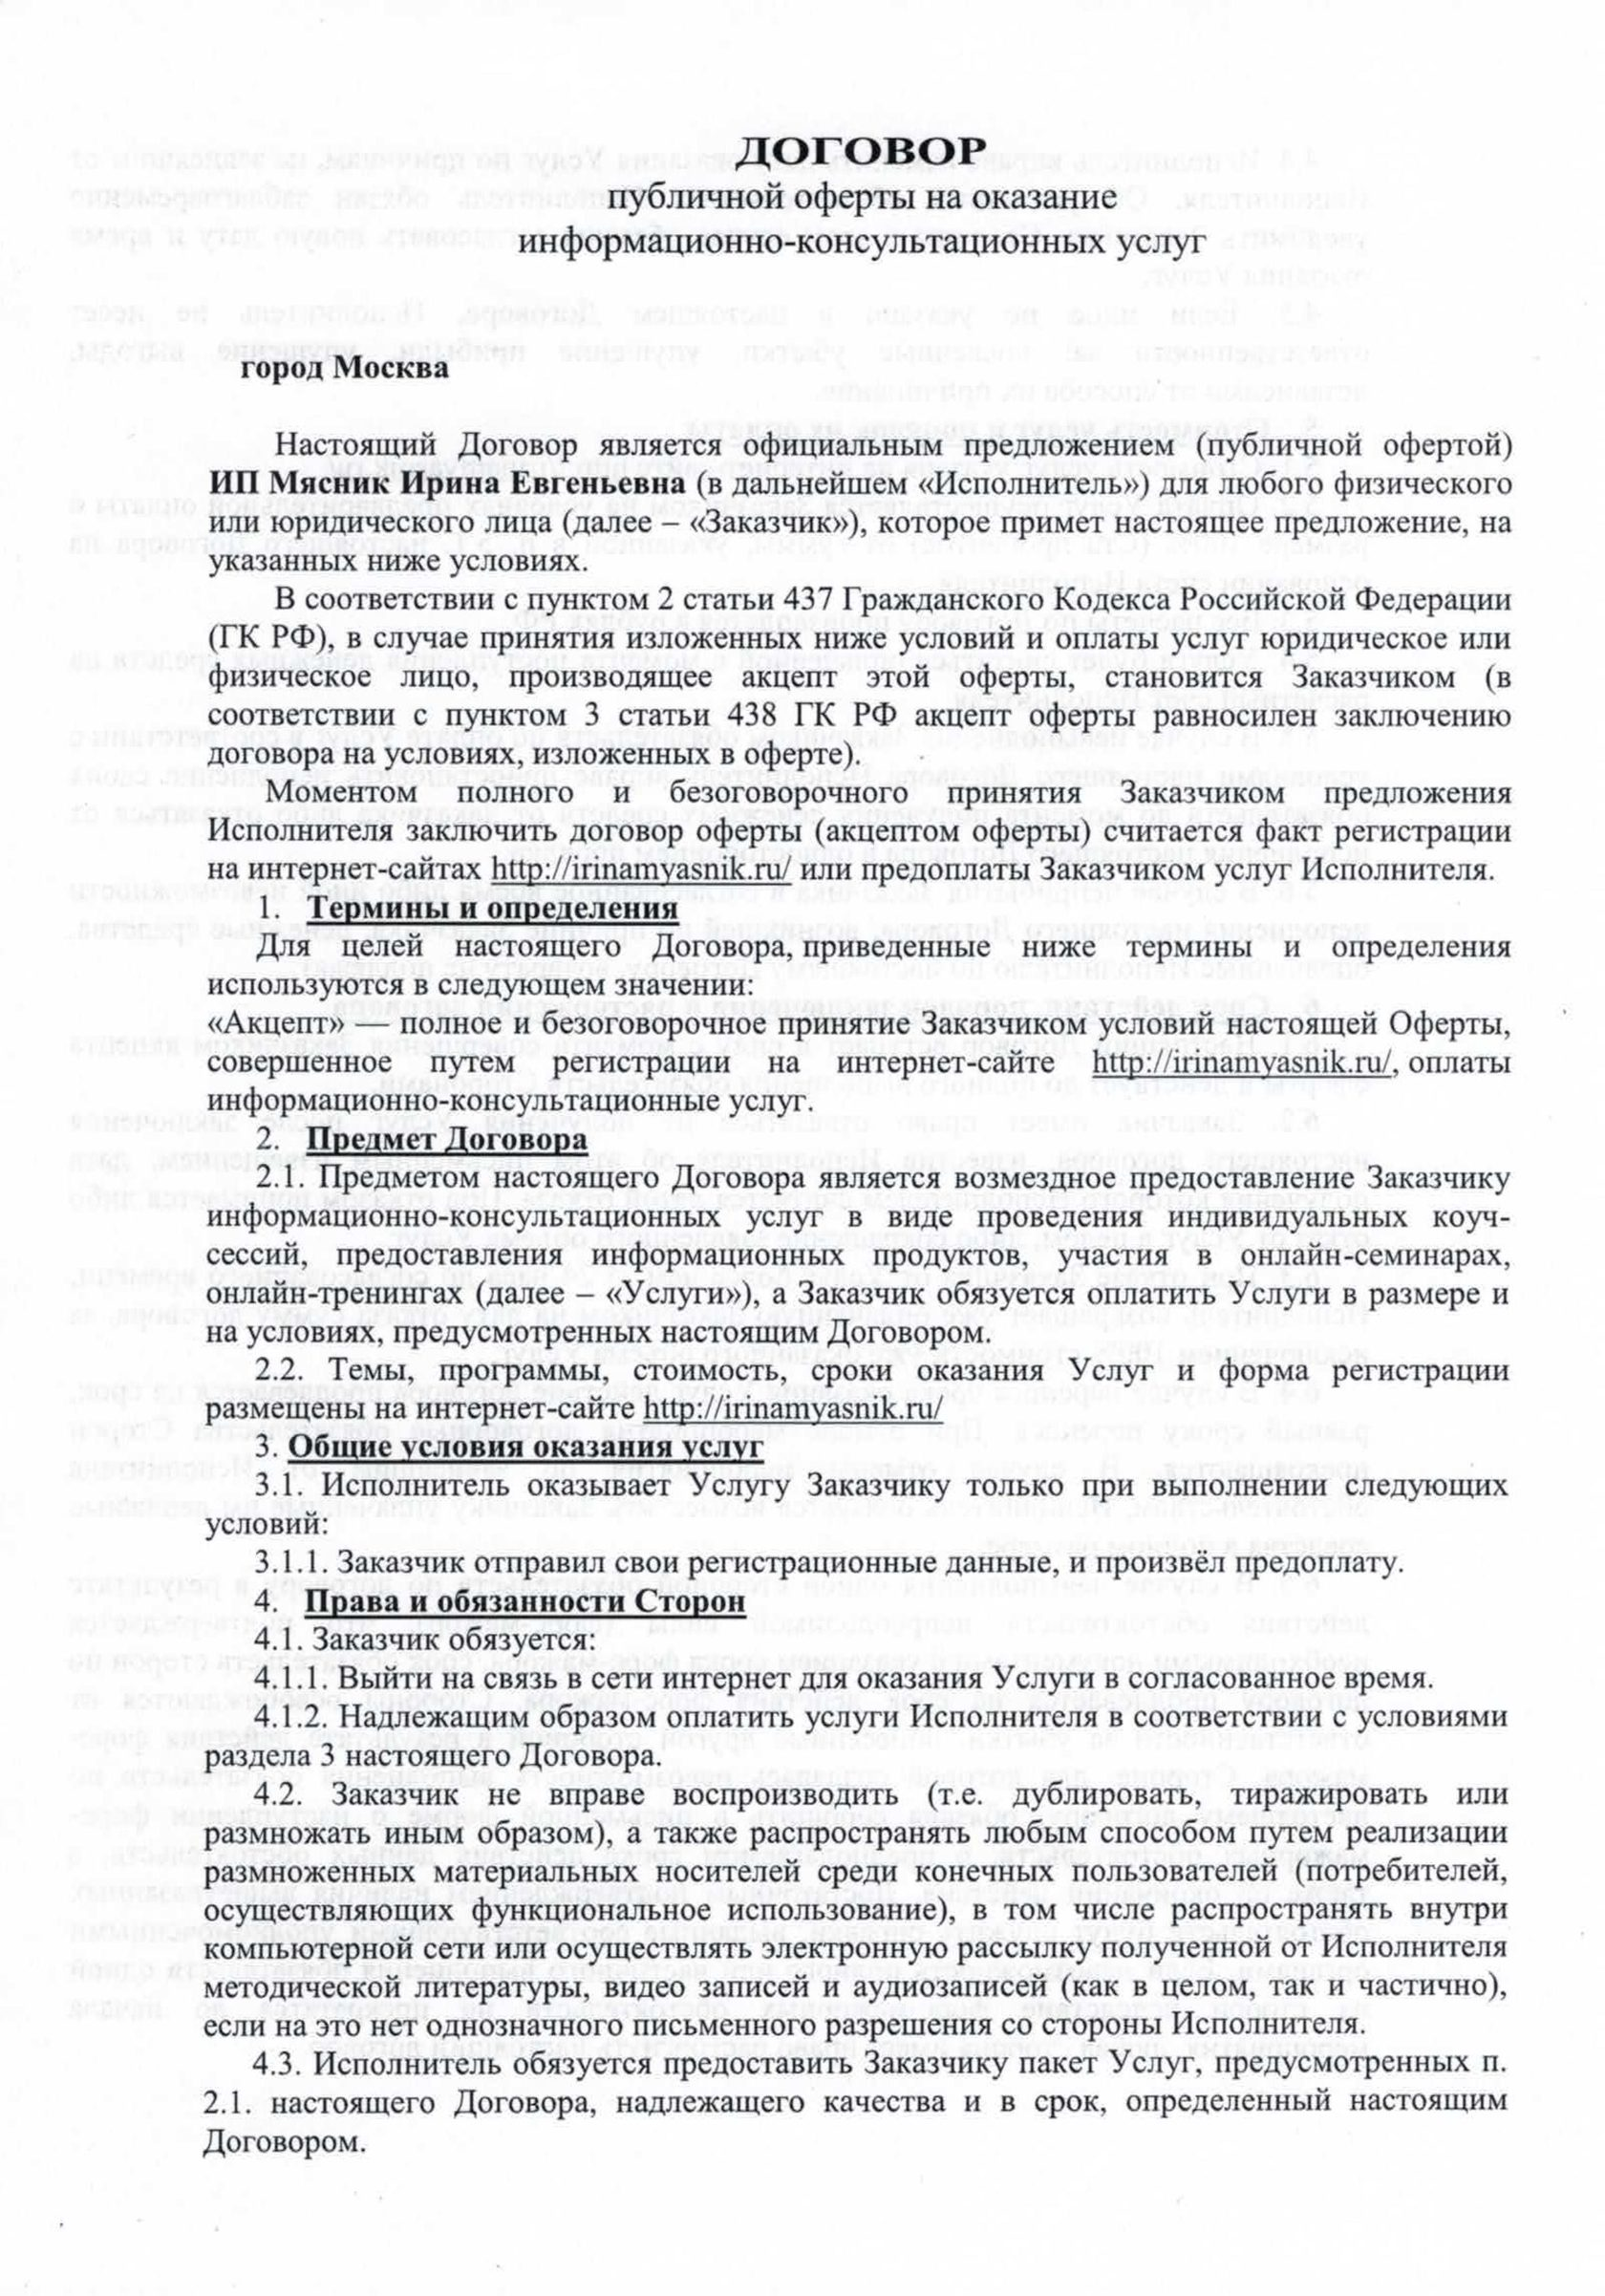 договор микрозайм онлайн согласие путем проставления галочек